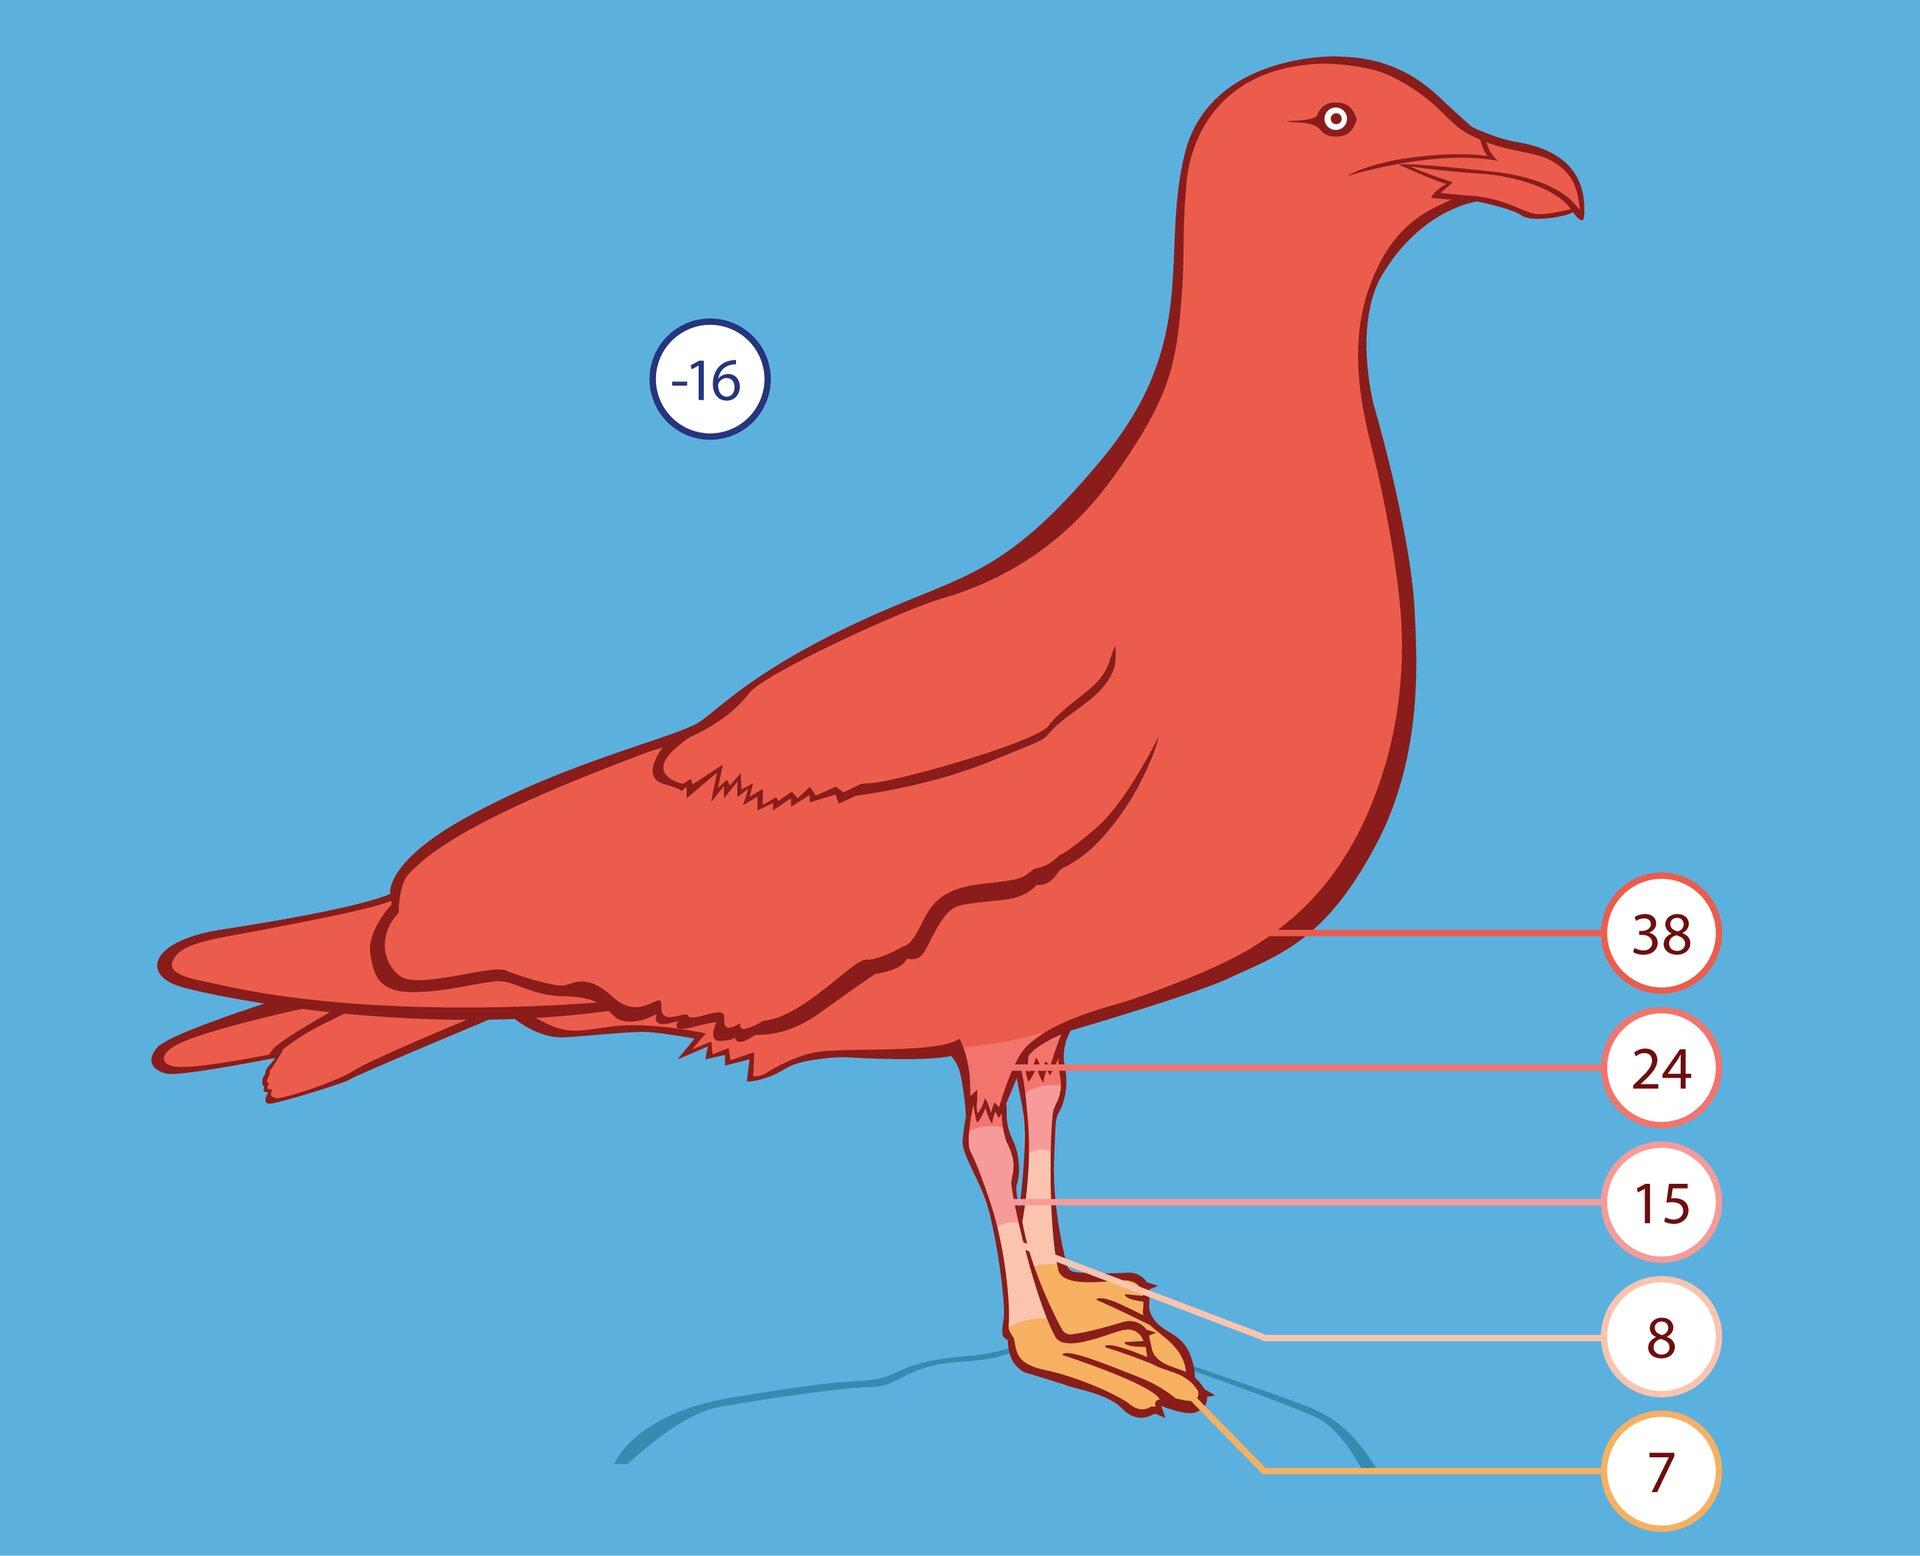 Ilustracja przedstawia czerwoną sylwetkę ptaka na niebieskim tle, głowa wprawo. Wkółeczkach wpisana temperatura wstopniach Celsjusza. Przy temperaturze minus 16 stopni tułów ptaka ma 38 stopni. Na nogach temperatura staje się od góry wdół coraz niższa: 24, 15 i8 stopni, co zaznaczono rozjaśnieniem barwy. Żółte łapy ptaka mają temperaturę 7 stopni Celsjusza.